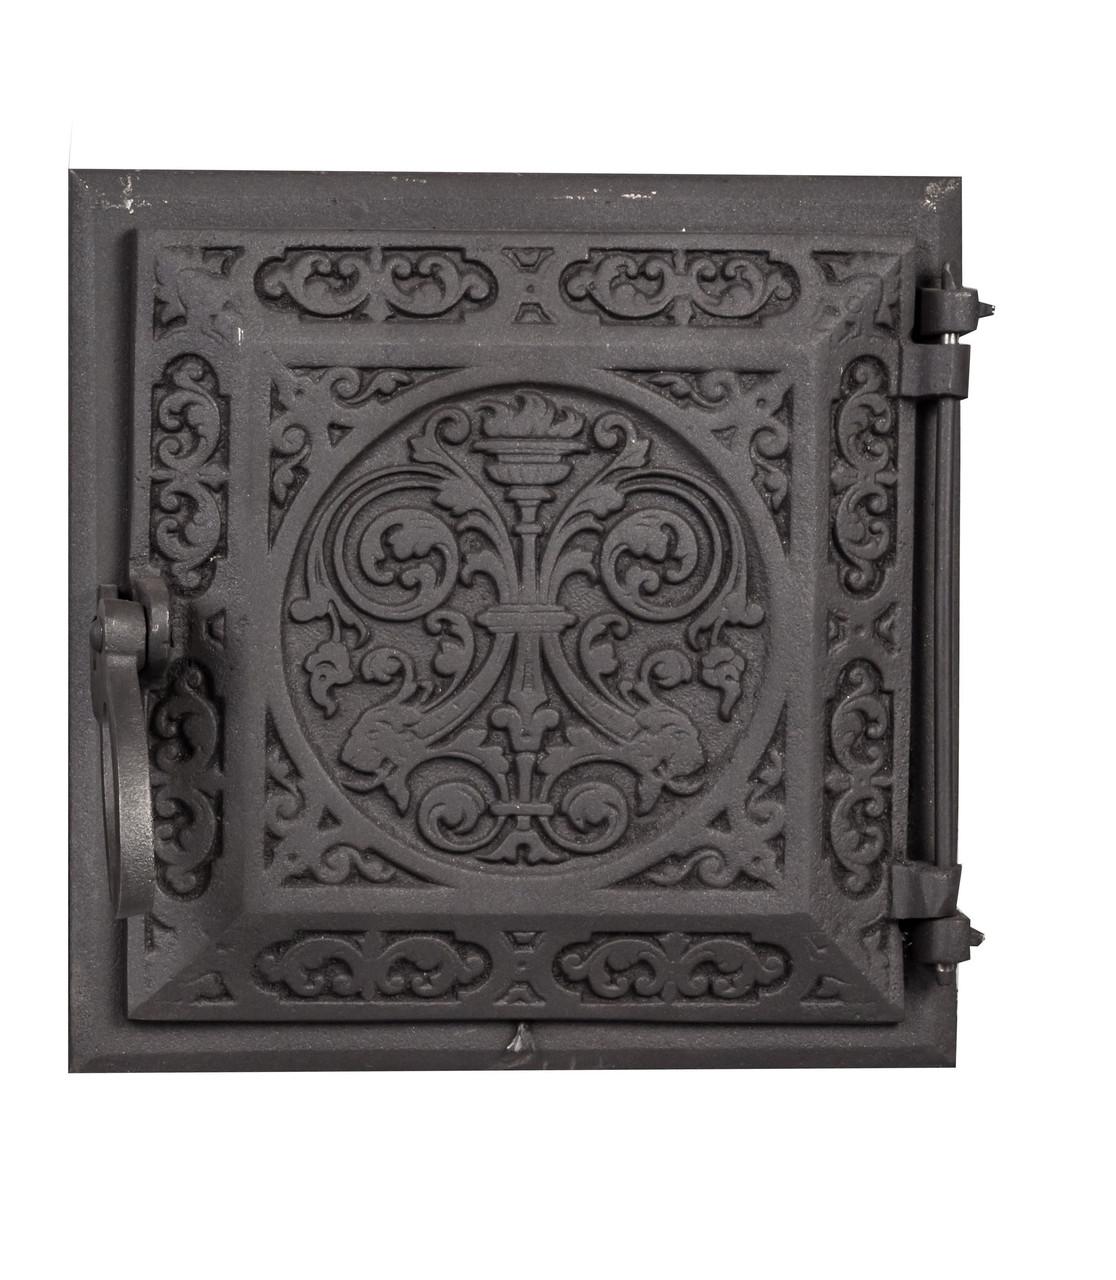 Печная дверка чугунная - Dunántúl 24 х 24 см/22 х 22 см